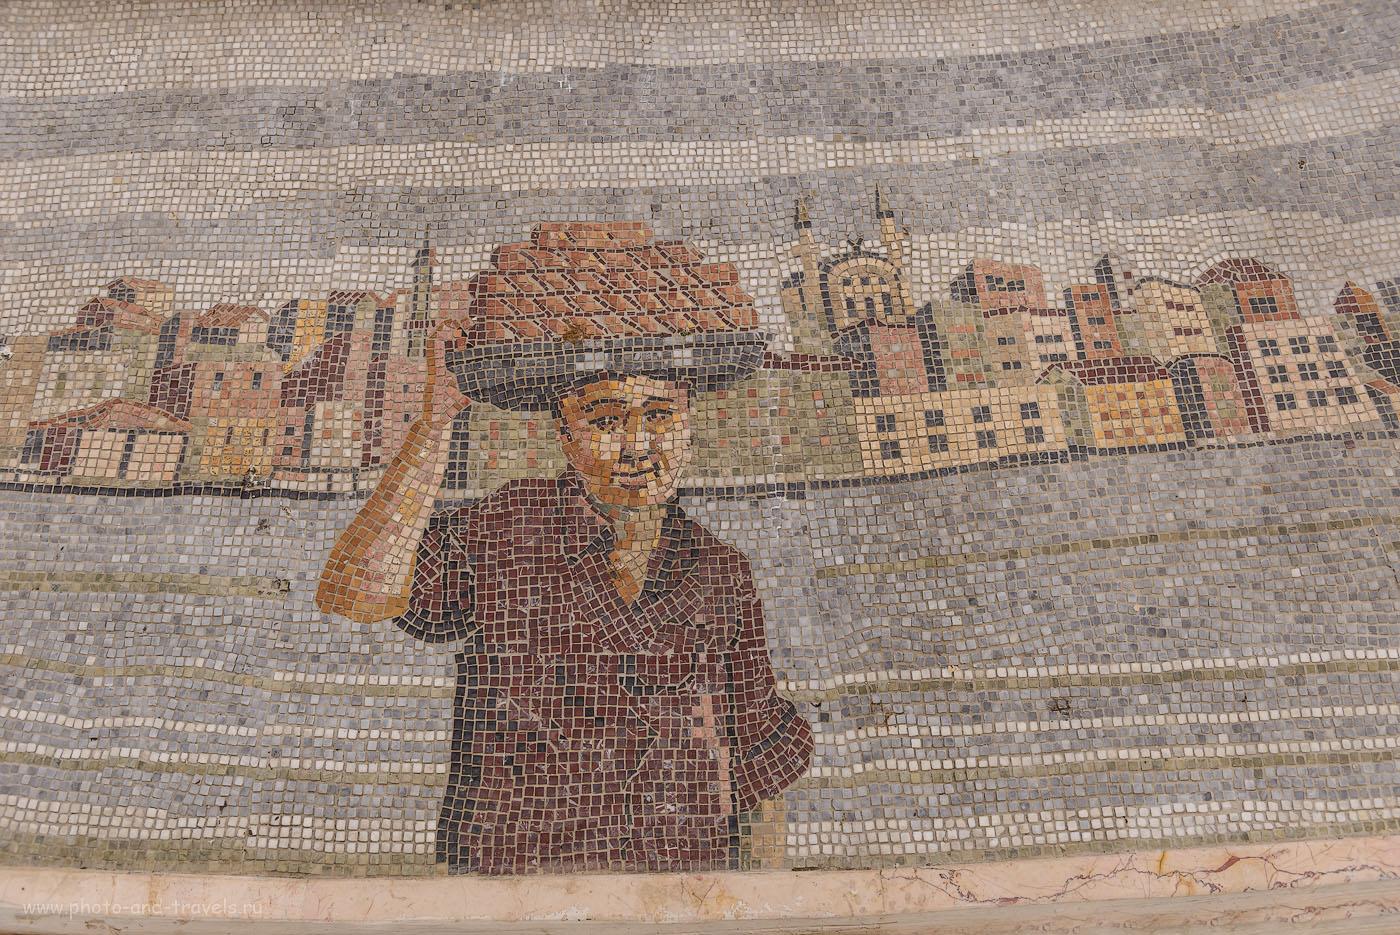 Фотография 9. Отзыв об экскурсии по Стамбулу самостоятельно. Такая картинка выложена на стенах фонатана у площади Султанахмет. Отчет о поездке в Турцию. 1/640, 4.5, 200, 32.